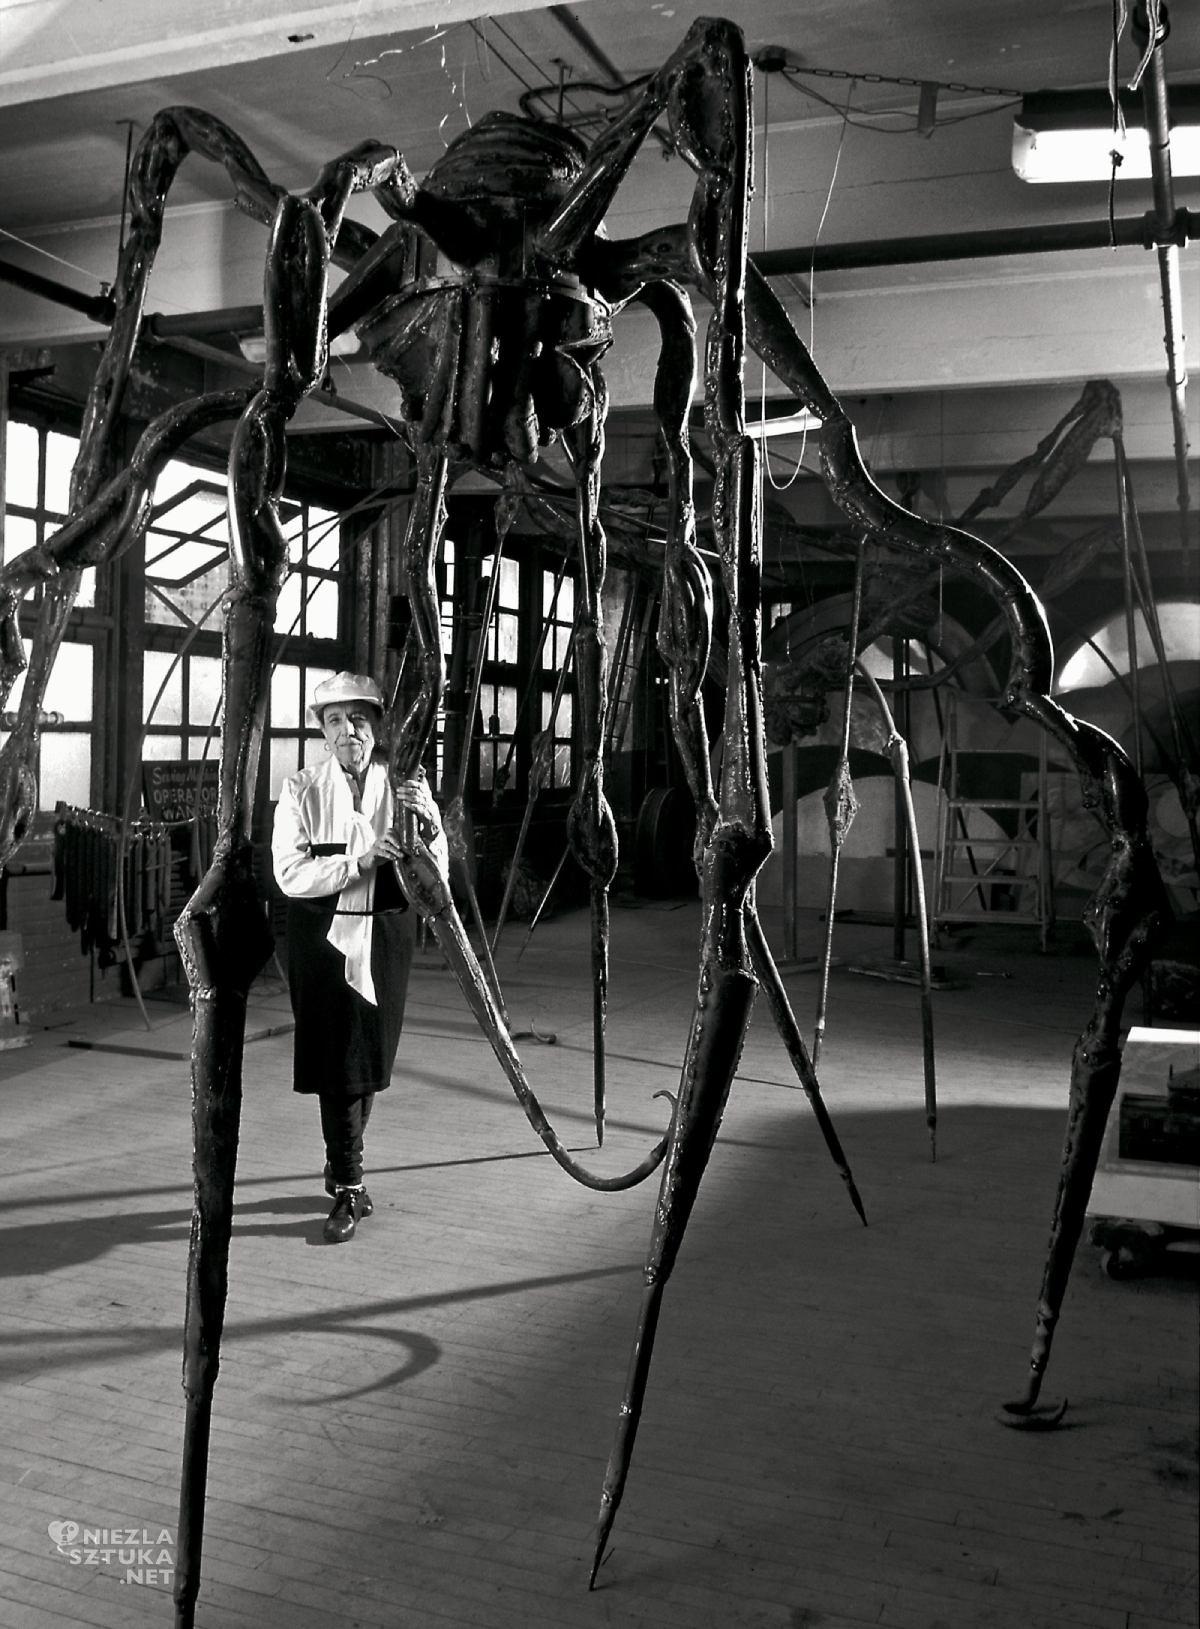 Louise Bourgeois, kobiety w sztuce, sztuka współczesna, rzeźba, Niezła Sztuka